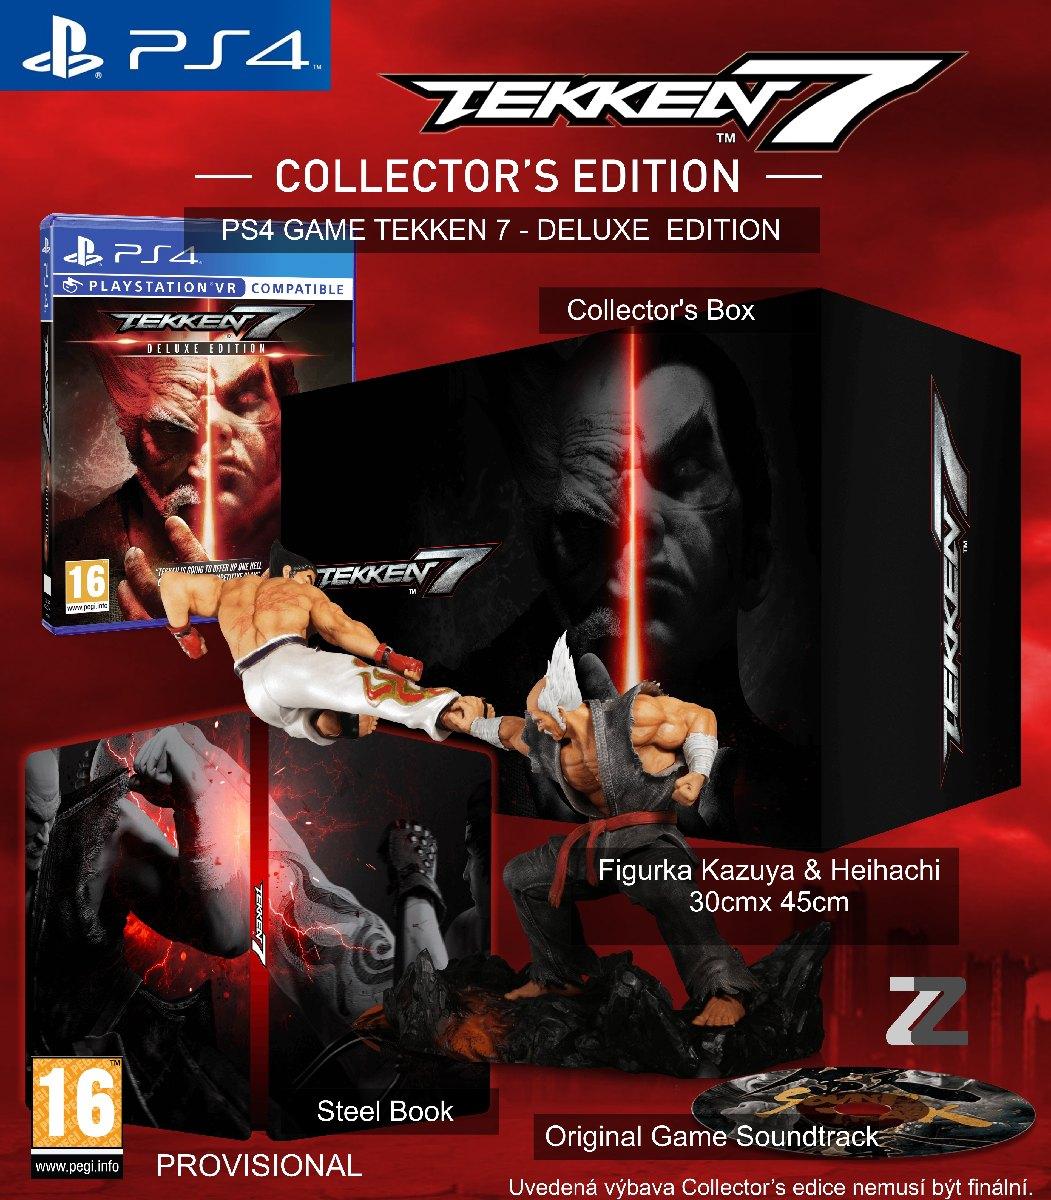 TEKKEN 7 (Collector's Edition) - PS4